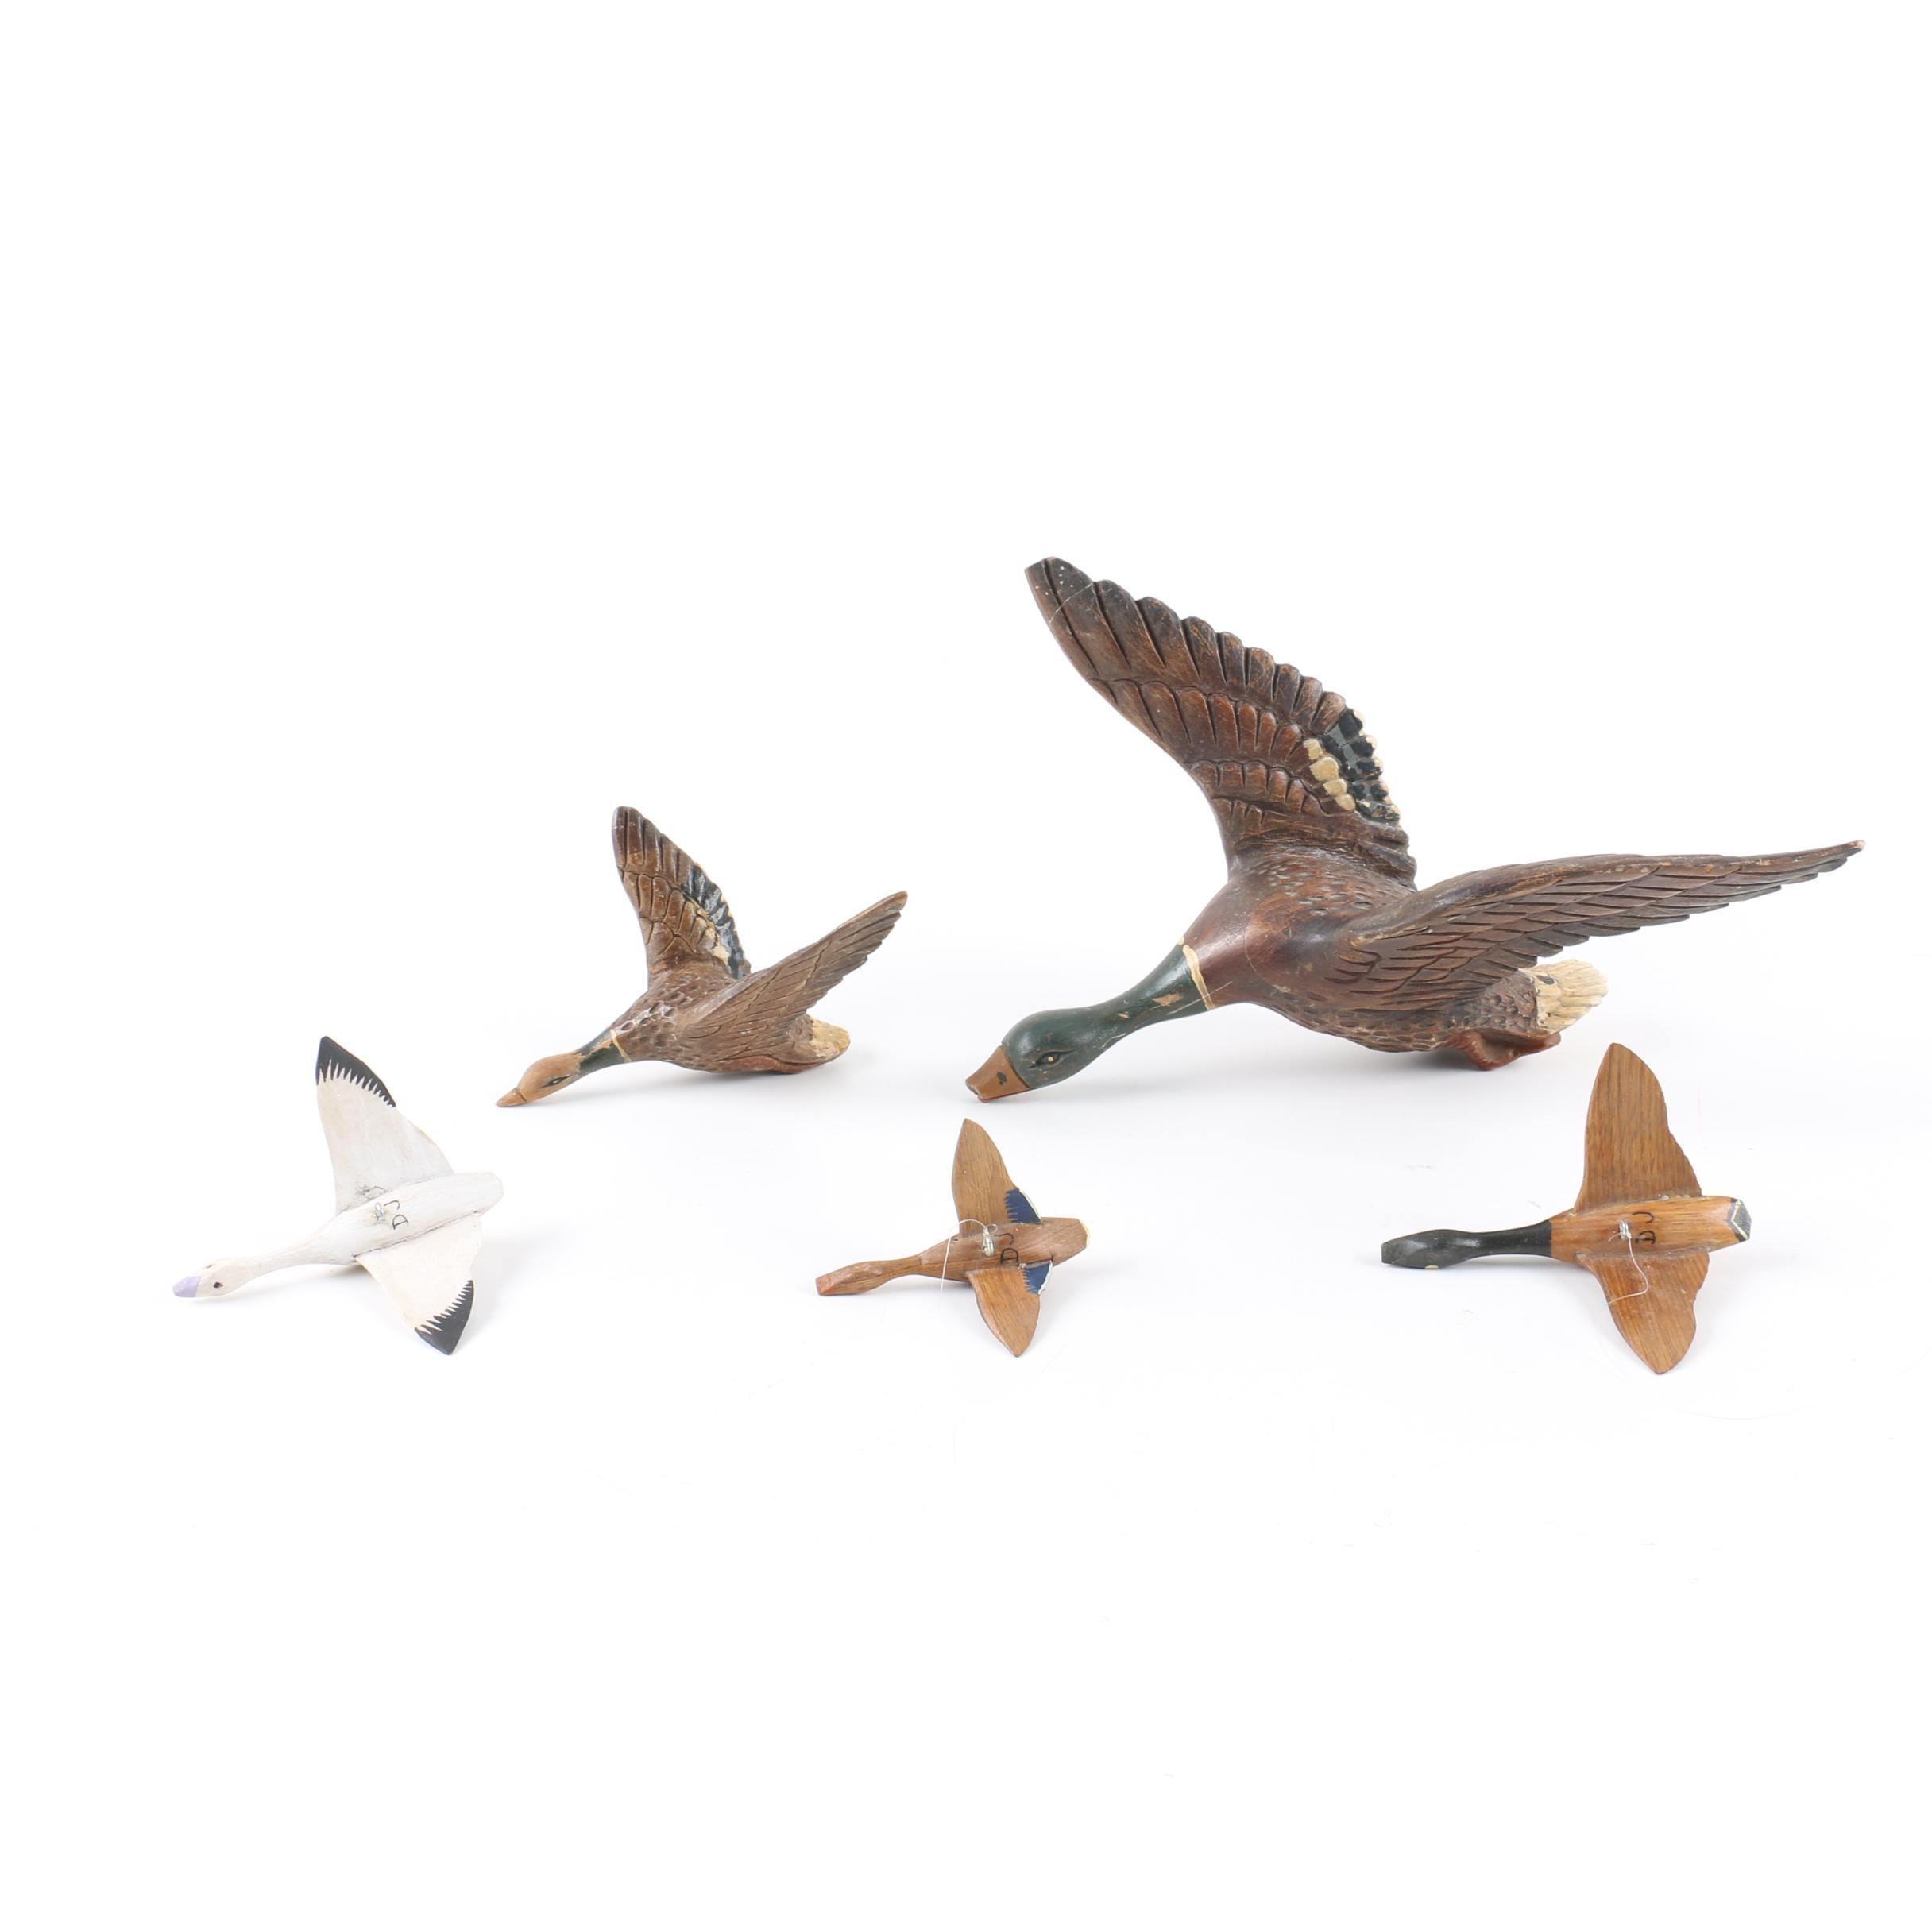 Wooden Duck and Bird Figurines